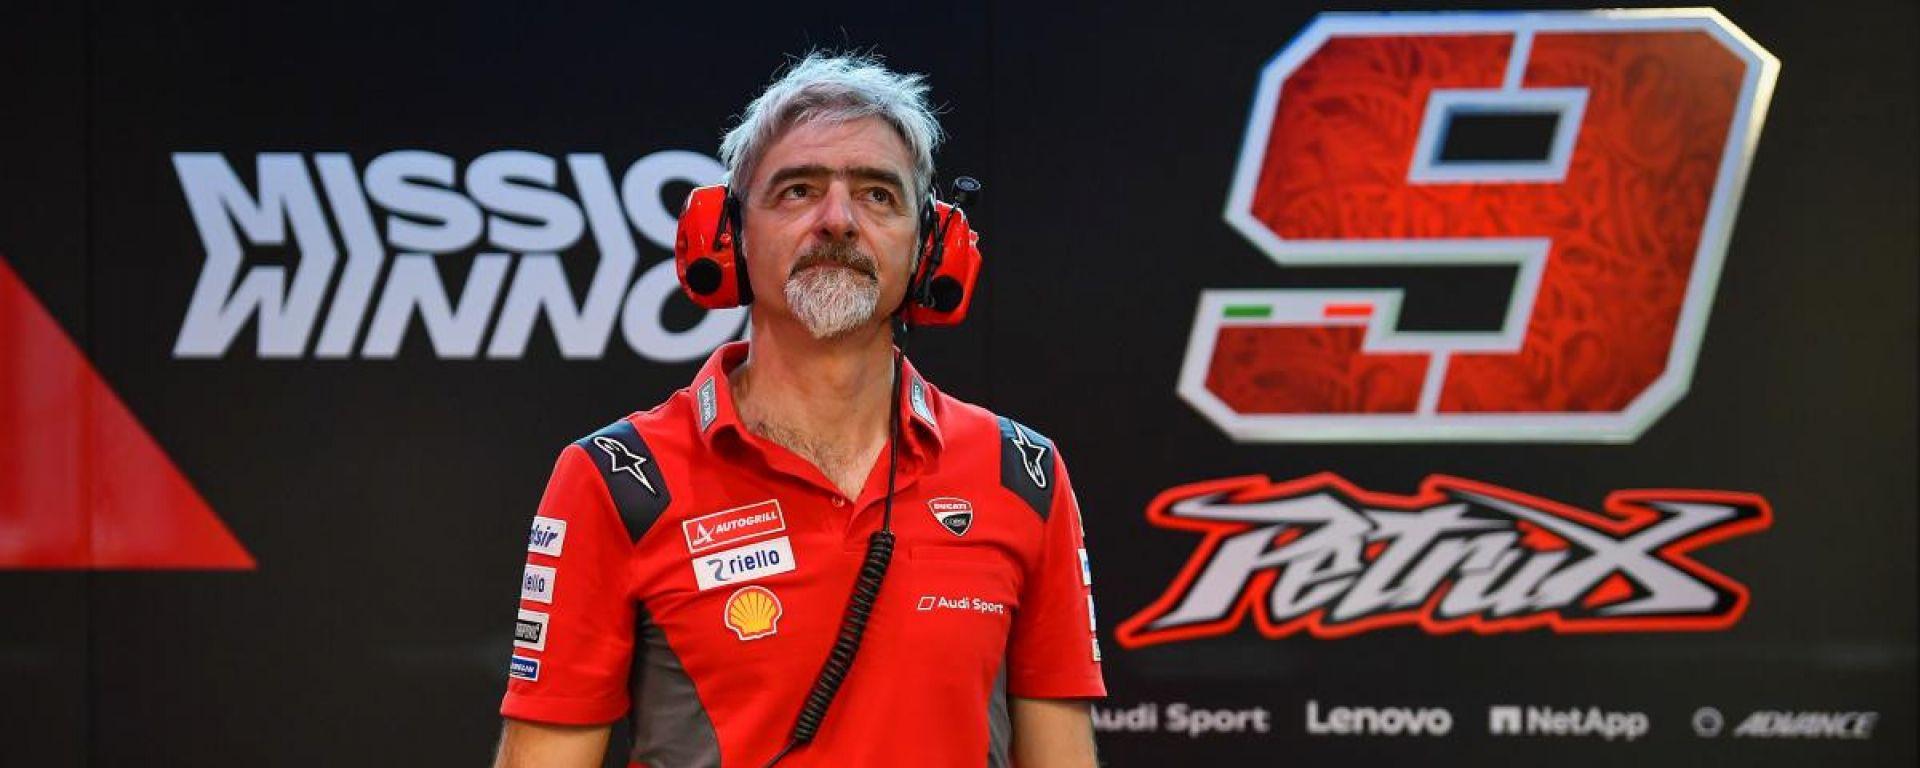 Gigi Dall'Igna nel box Ducati